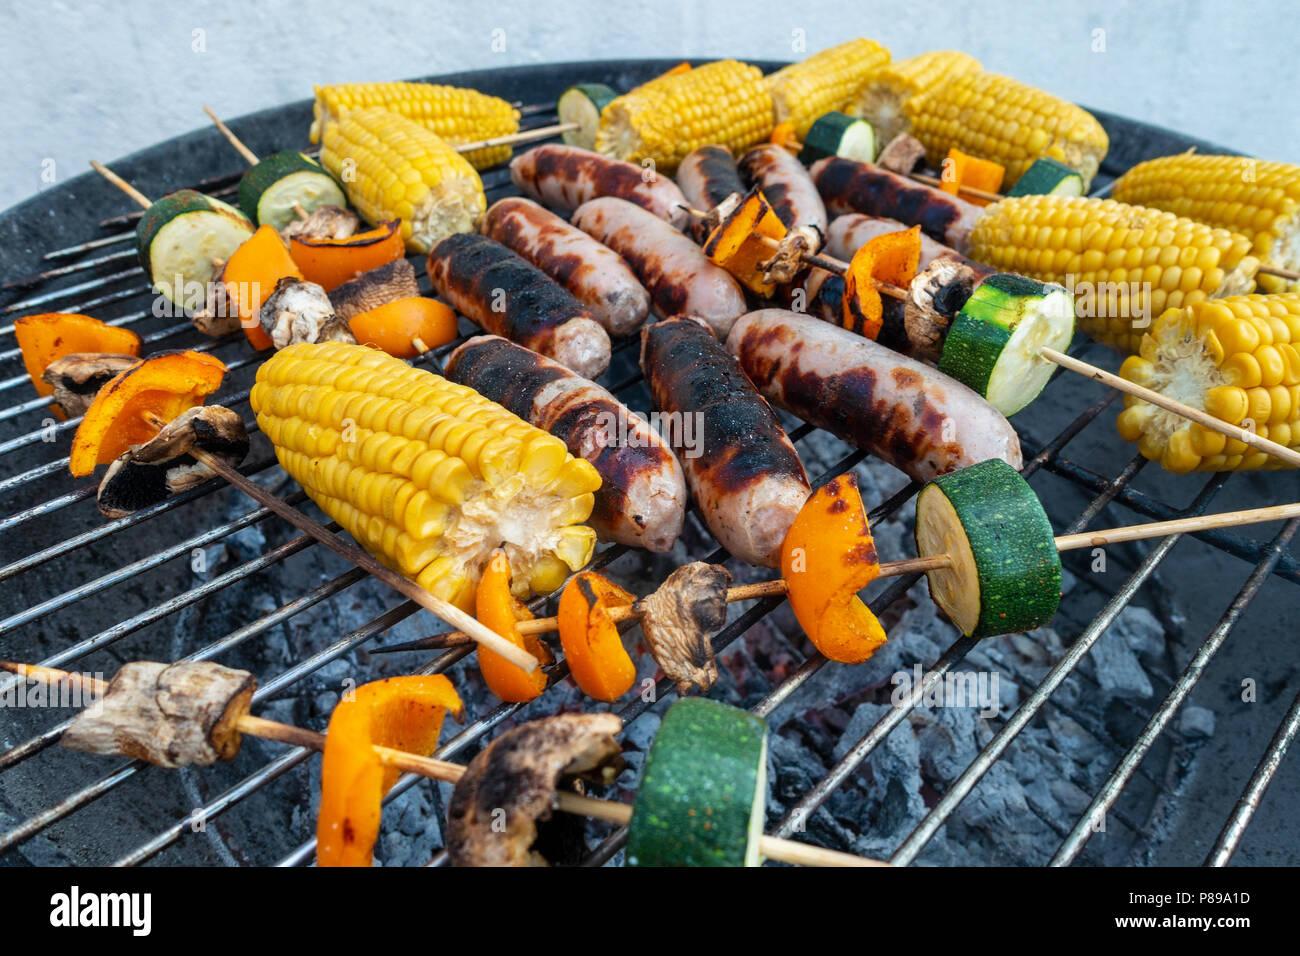 Salsicce e salami, sulla pannocchia di mais e spiedini di vegetali di funghi, il pepe e la zucchina cucinando fuori su un barbeque. Immagini Stock